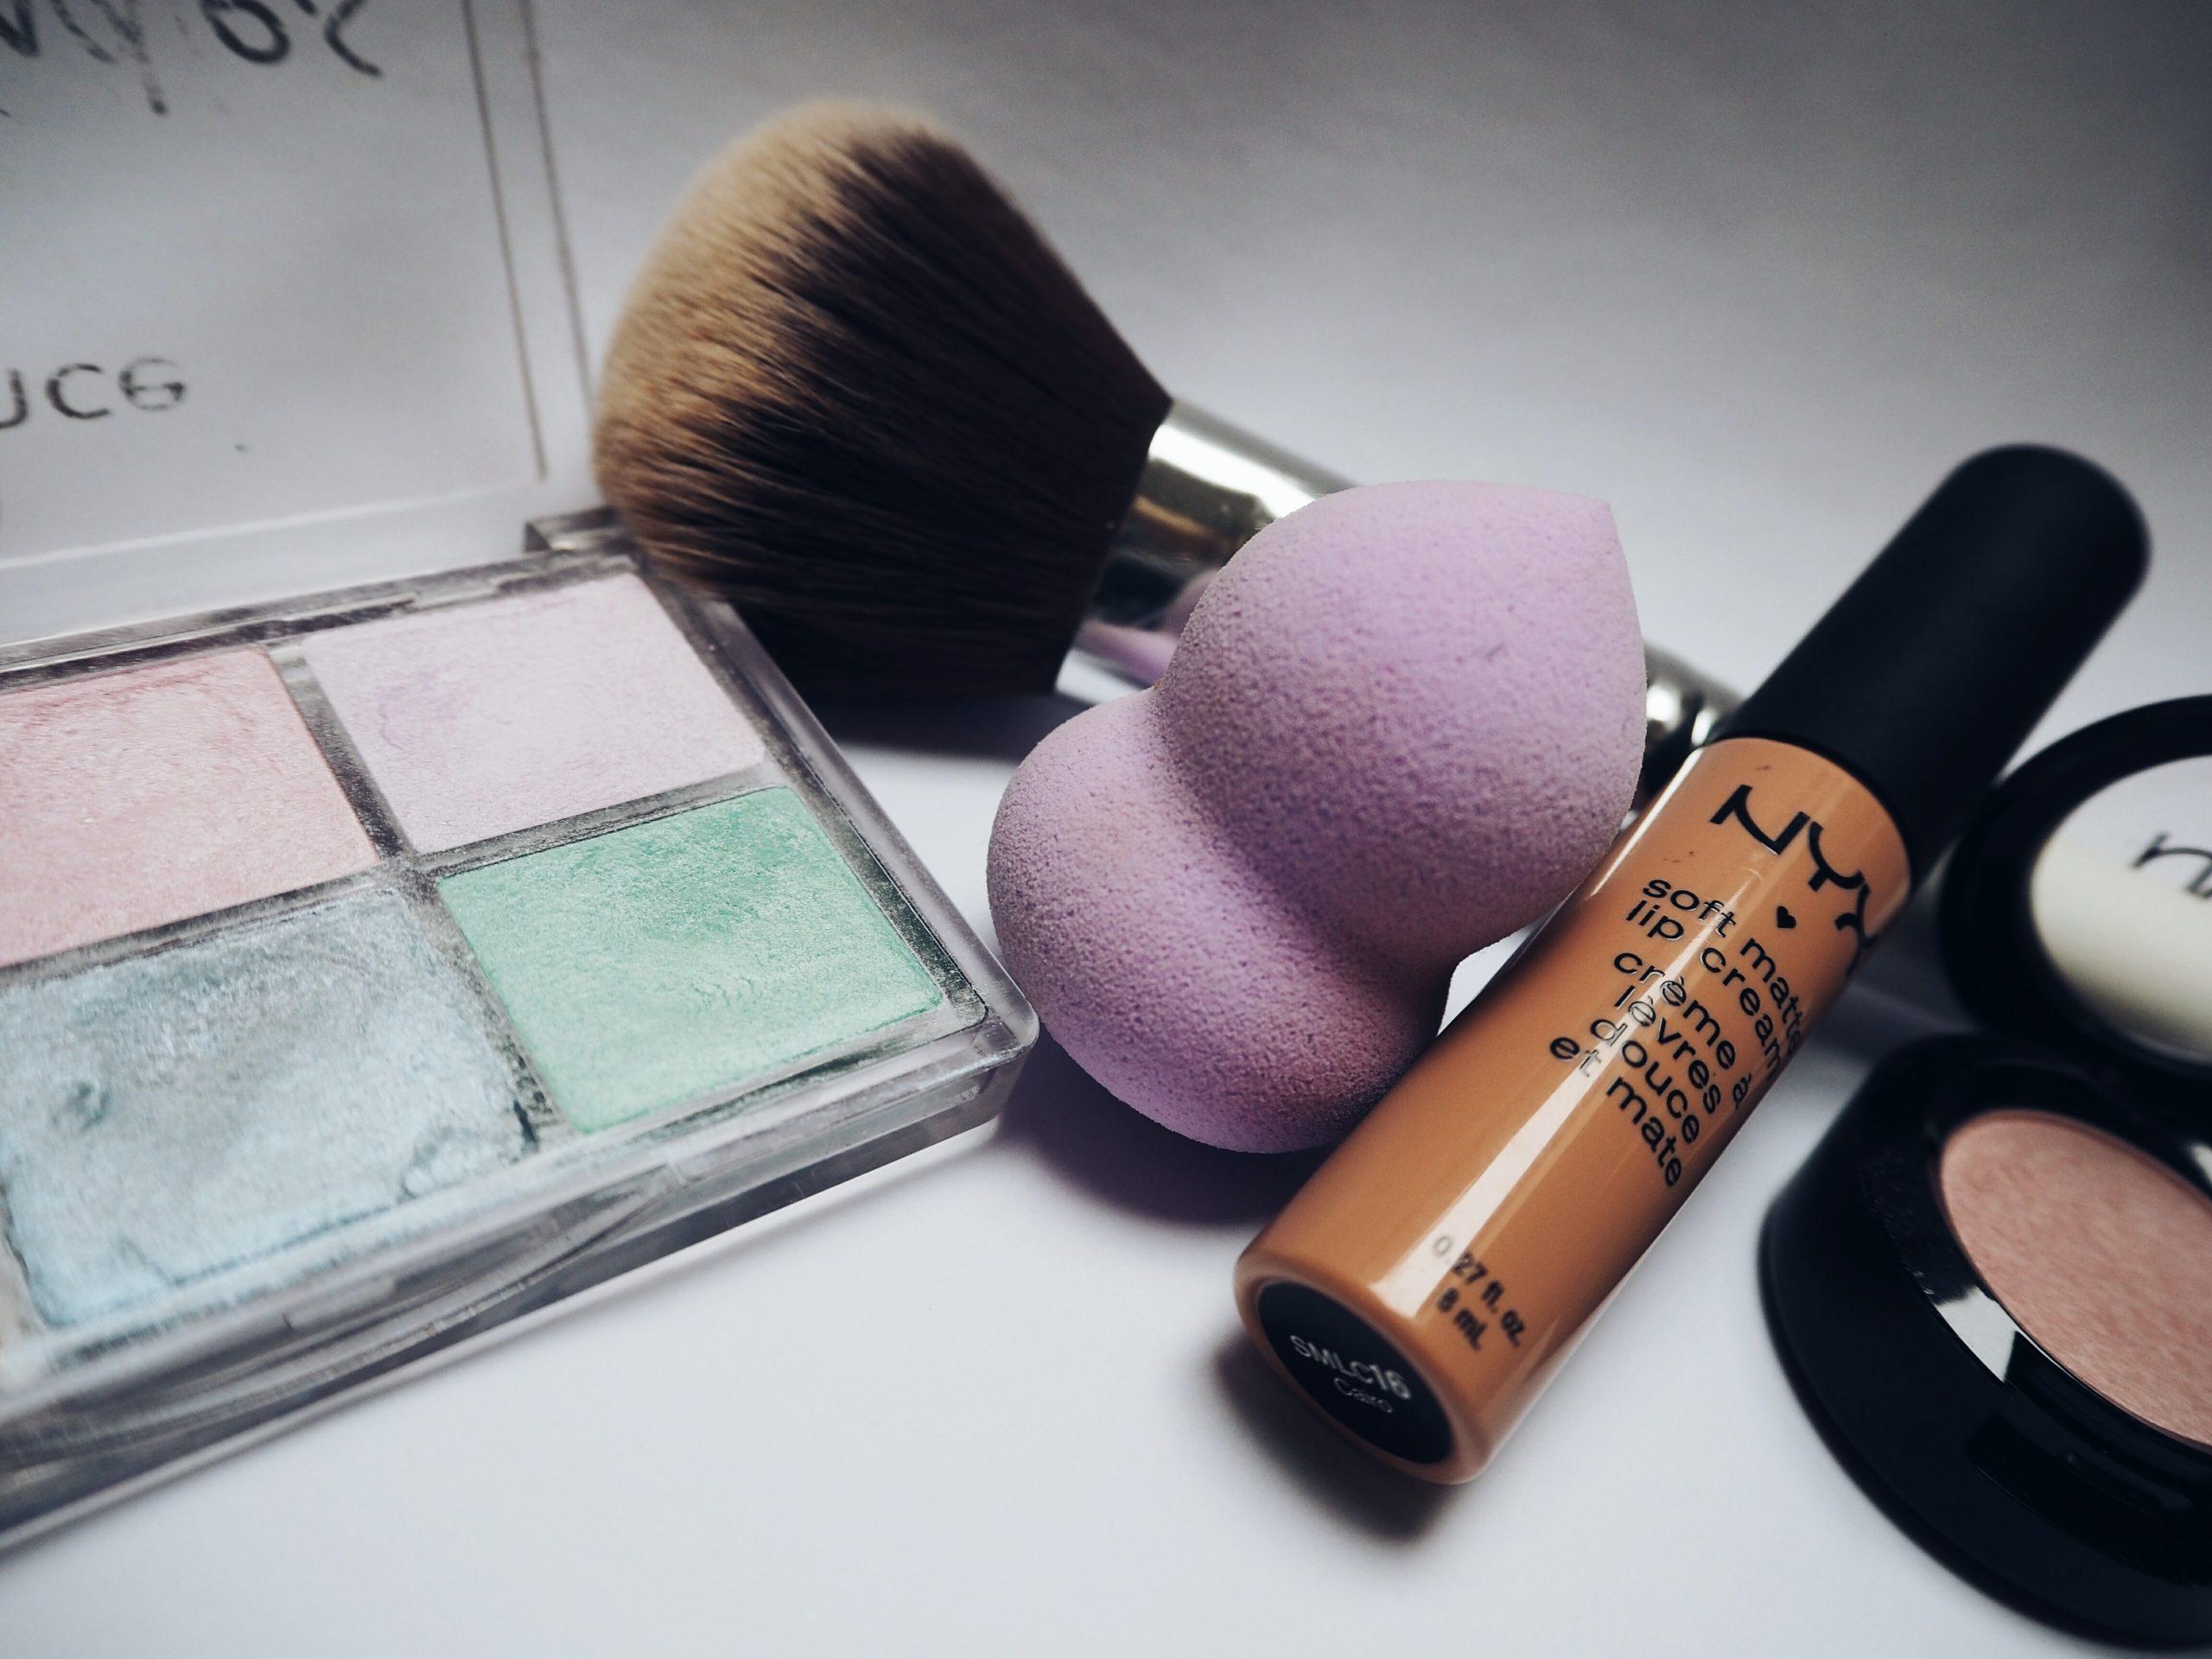 Foto uma esponja de maquiagem roxa, ao lado de um pincel, uma paleta de sombras e um blush.